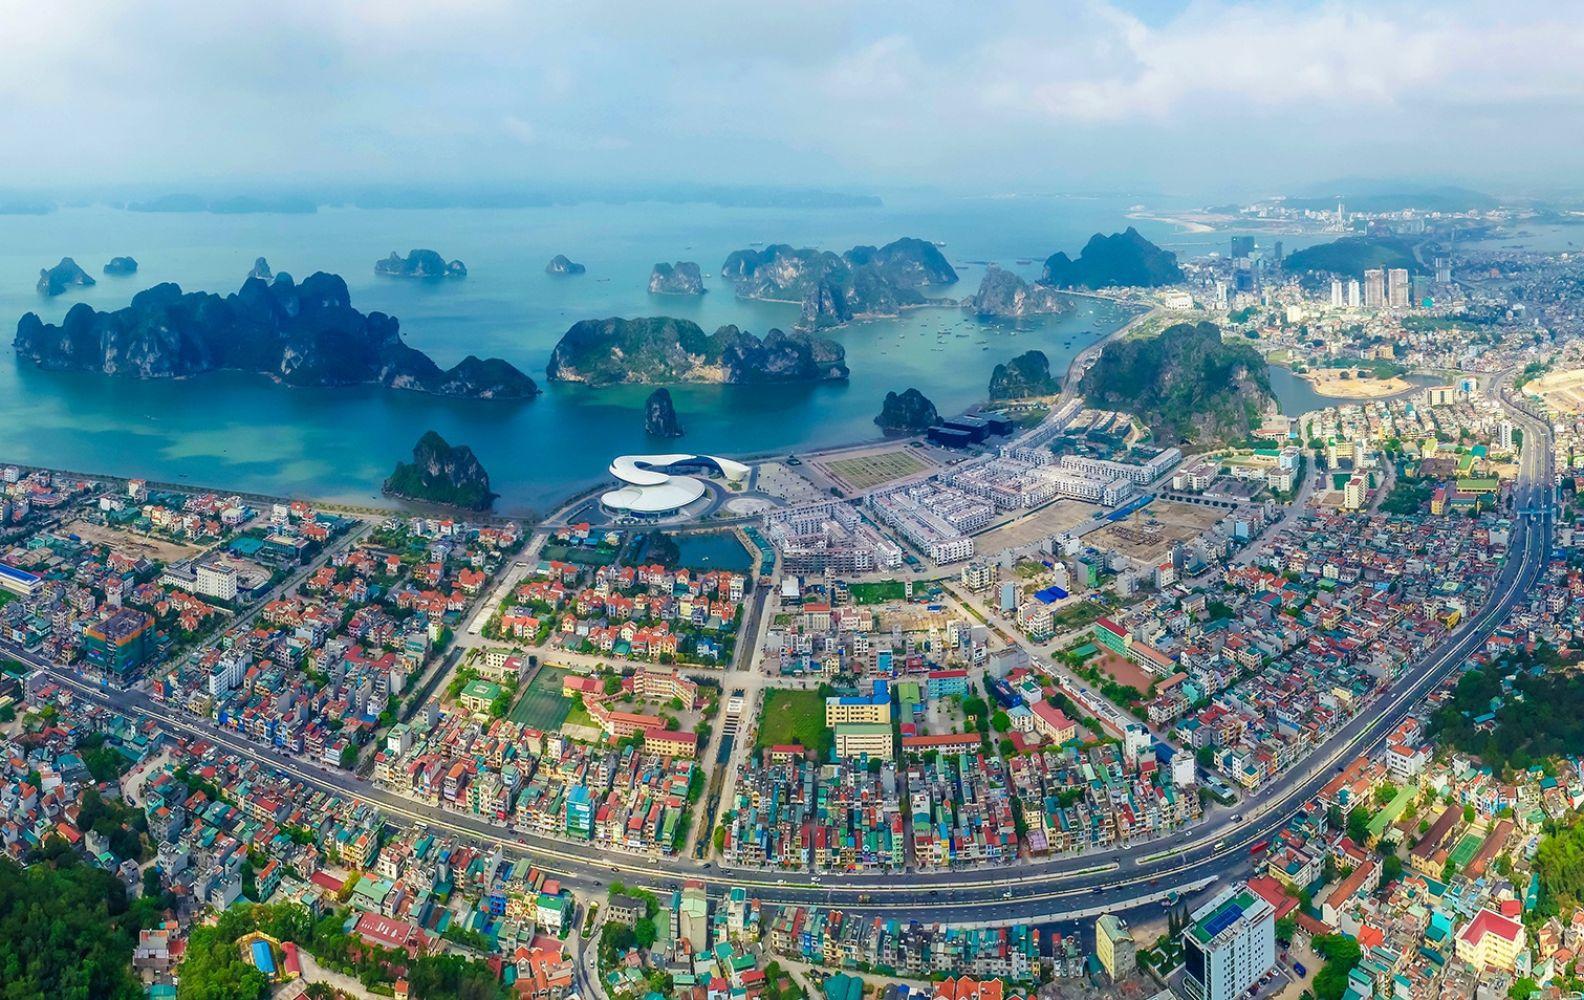 du lich viet nam anh 2  - toang_canh_ha_long_1 - Tỉnh nào ở Việt Nam có nhiều hơn một thành phố?